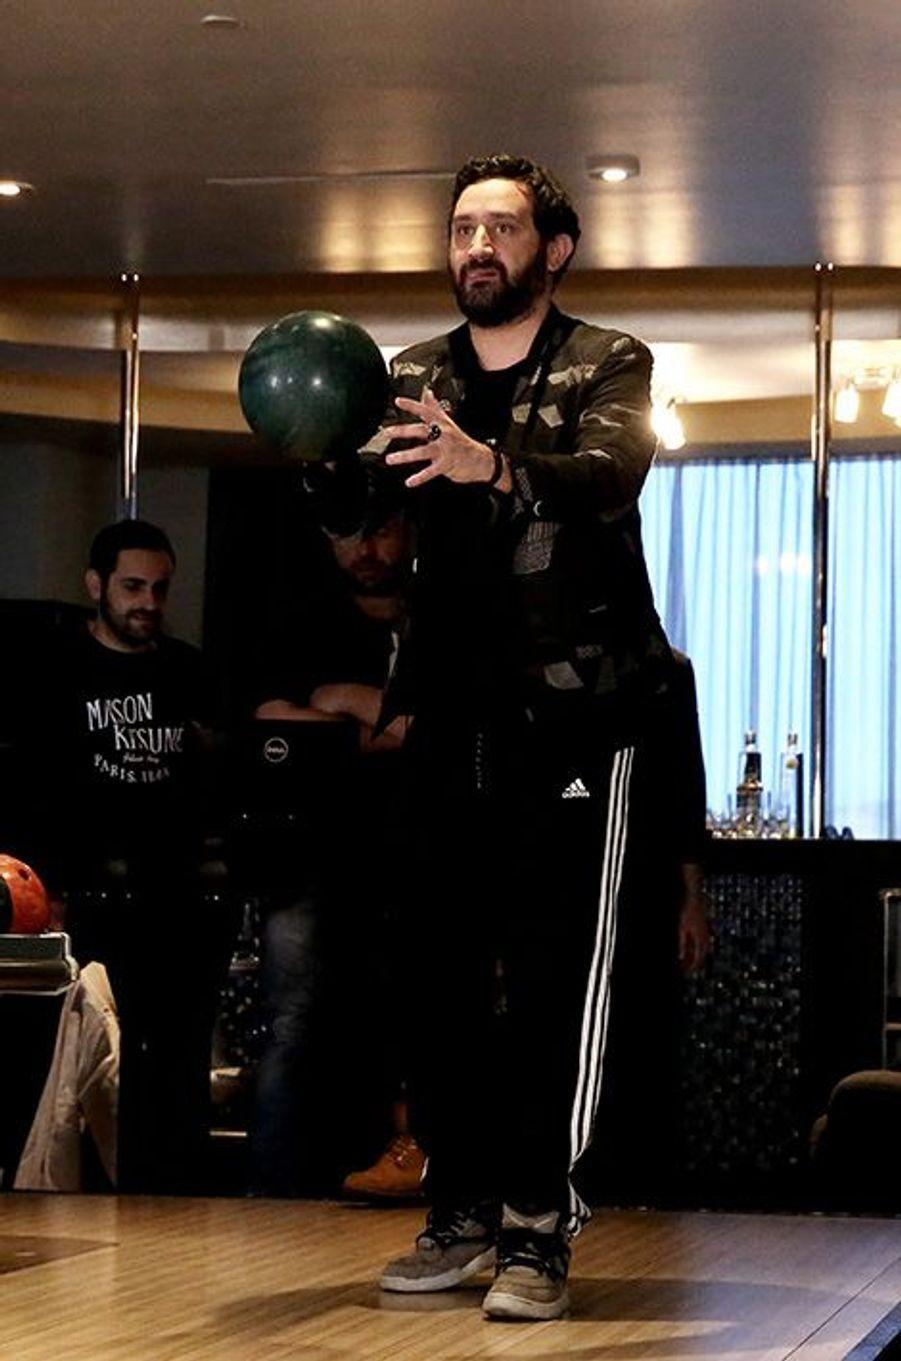 Séance de bowling entre amis